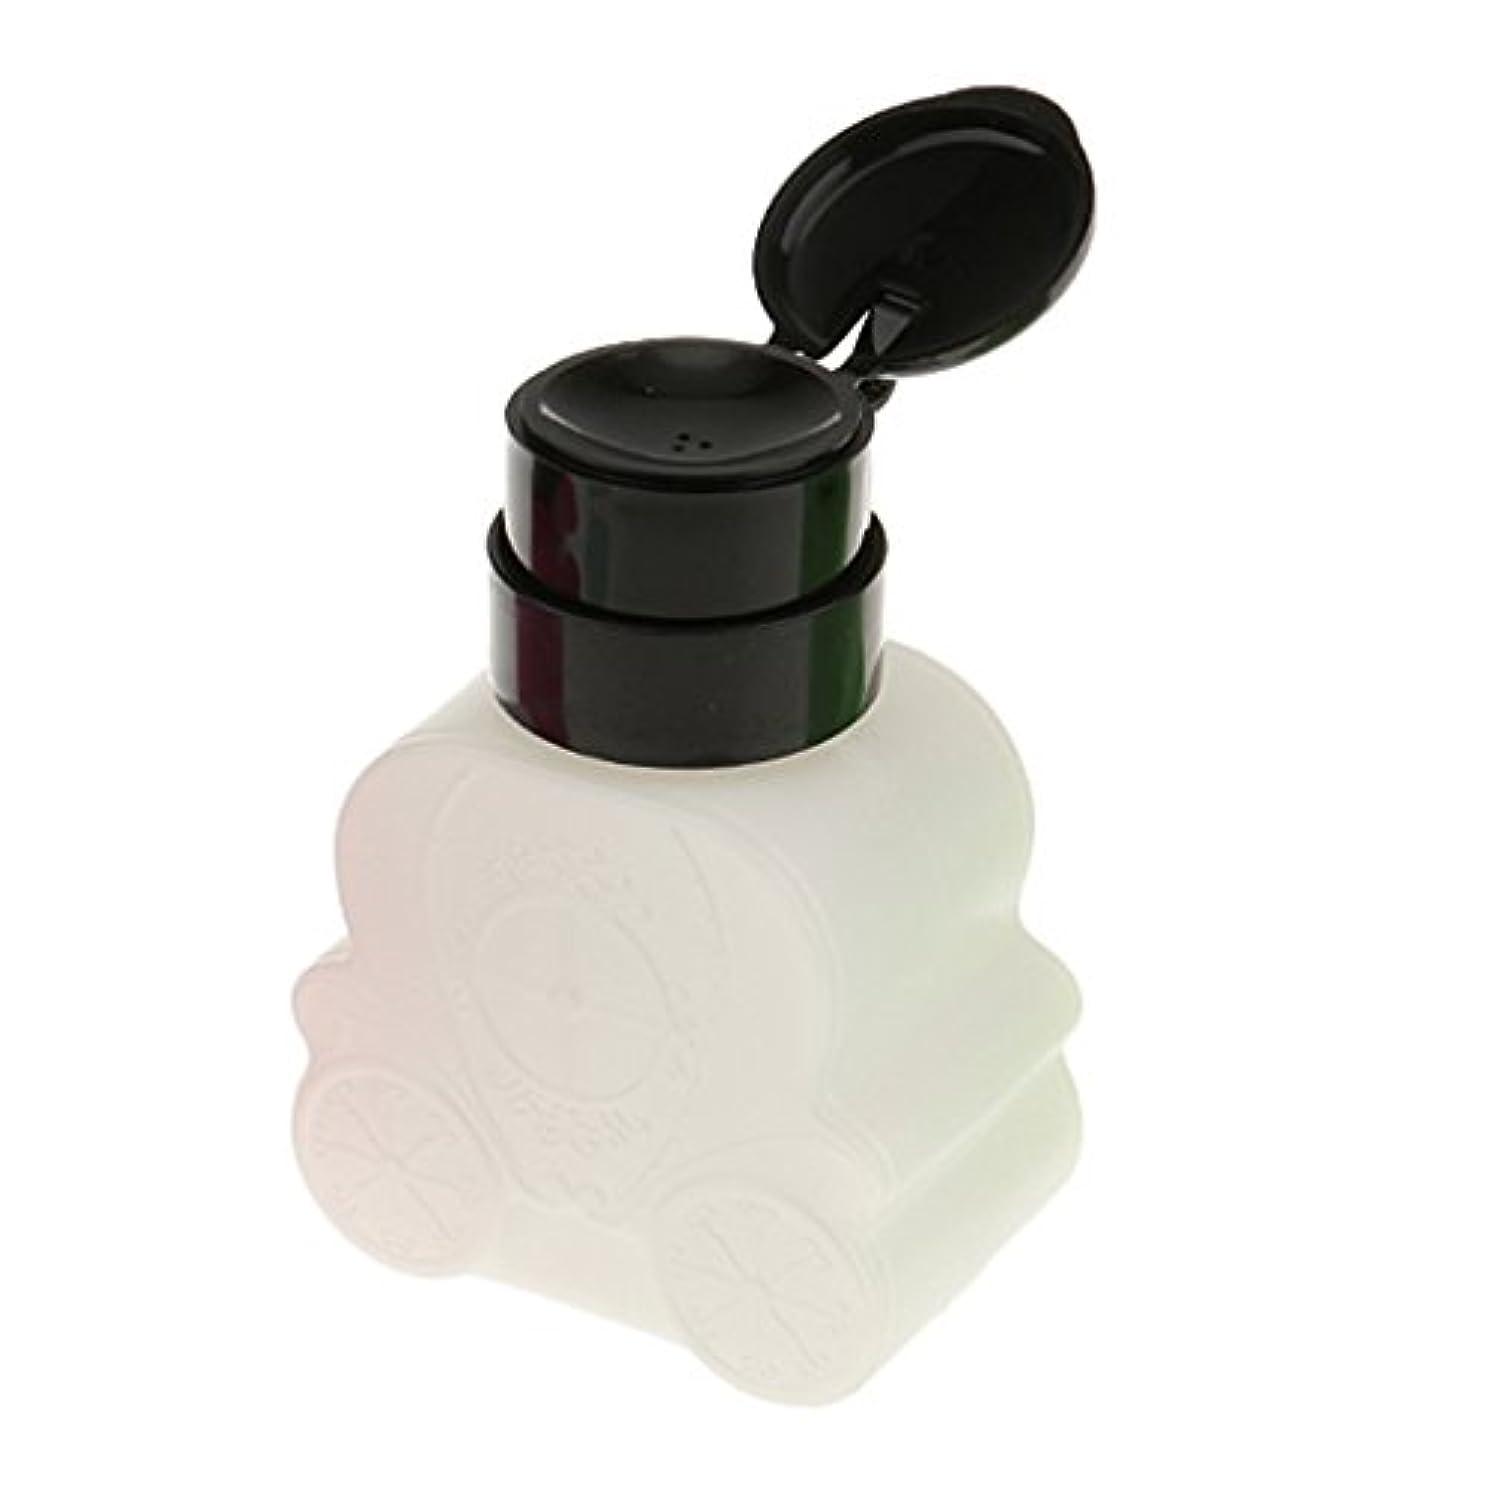 フランクワースリー異邦人超高層ビルT TOOYFUL 空き瓶 空のプラスチックボトル 化粧品 空ボトル